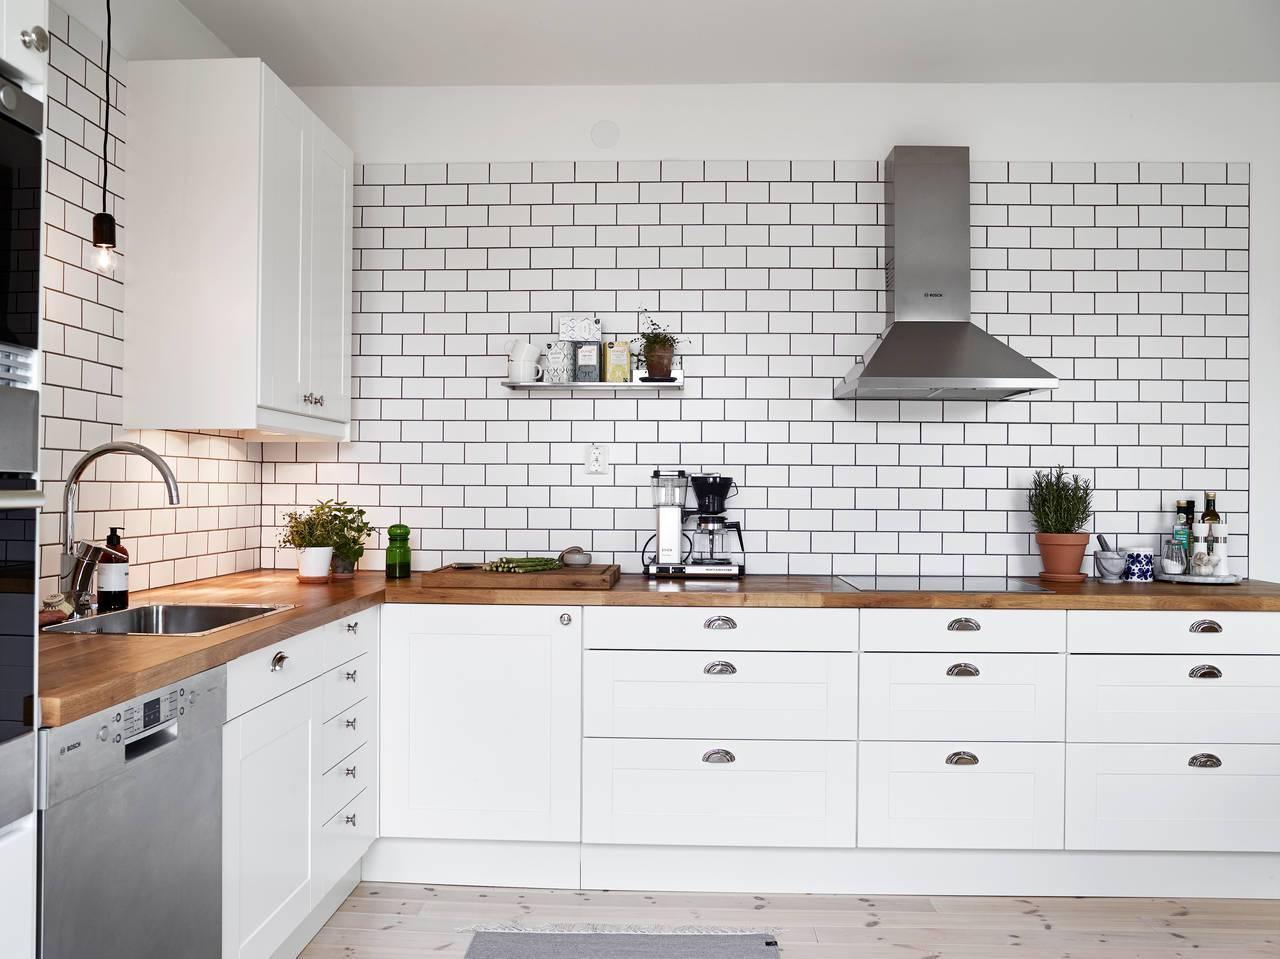 Quali sono i prezzi delle piastrelle per la cucina?